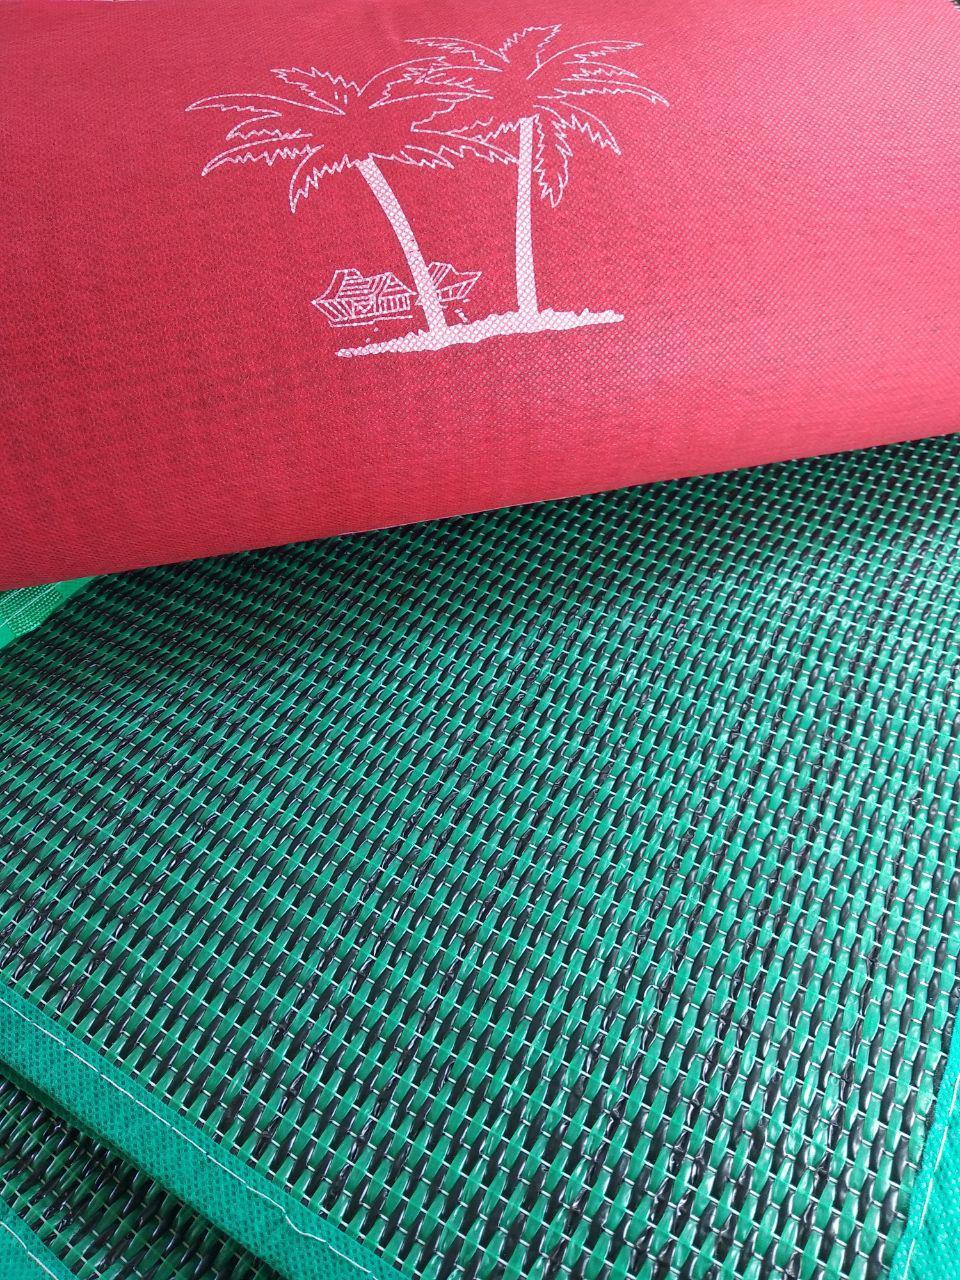 Підстилка для пляжу, пляжний килимок подвійний